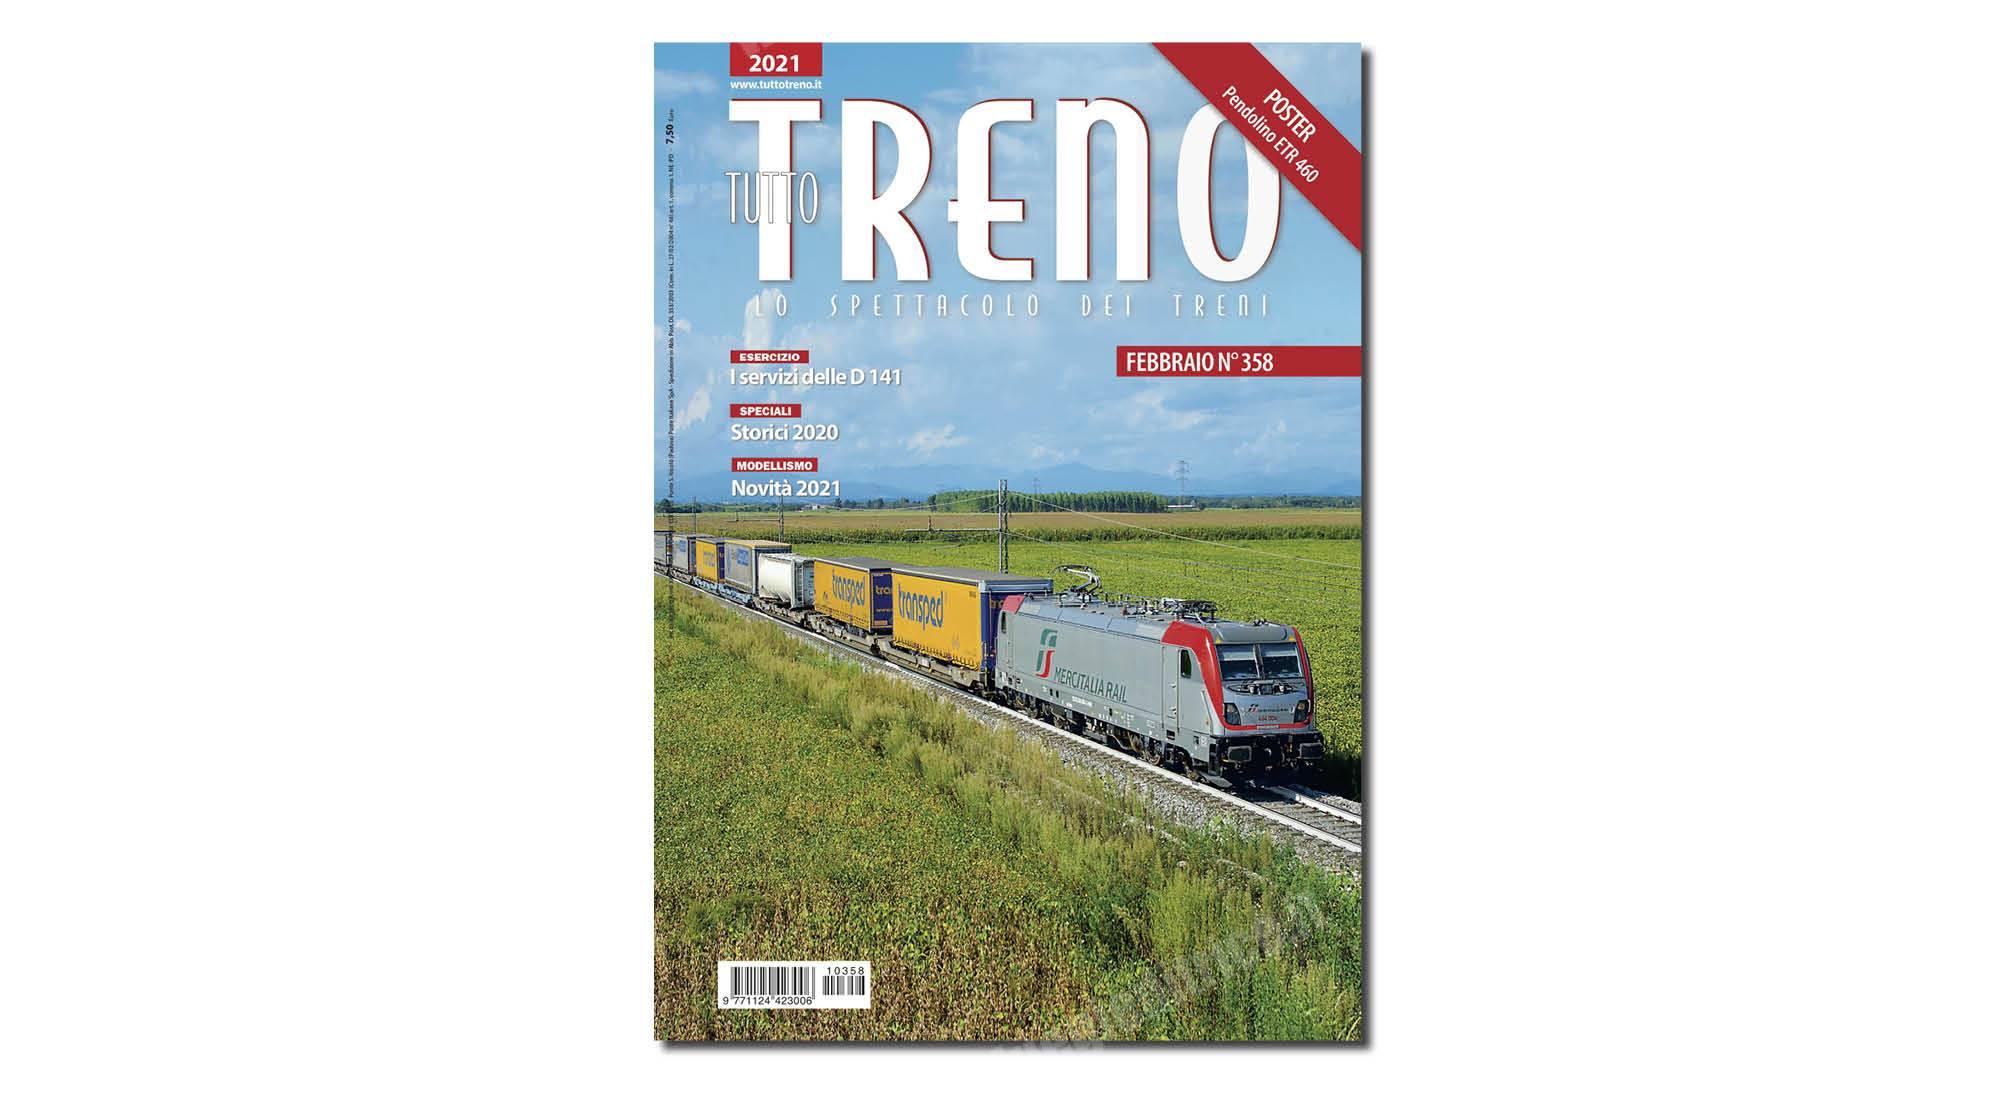 tT358-copertina_ok